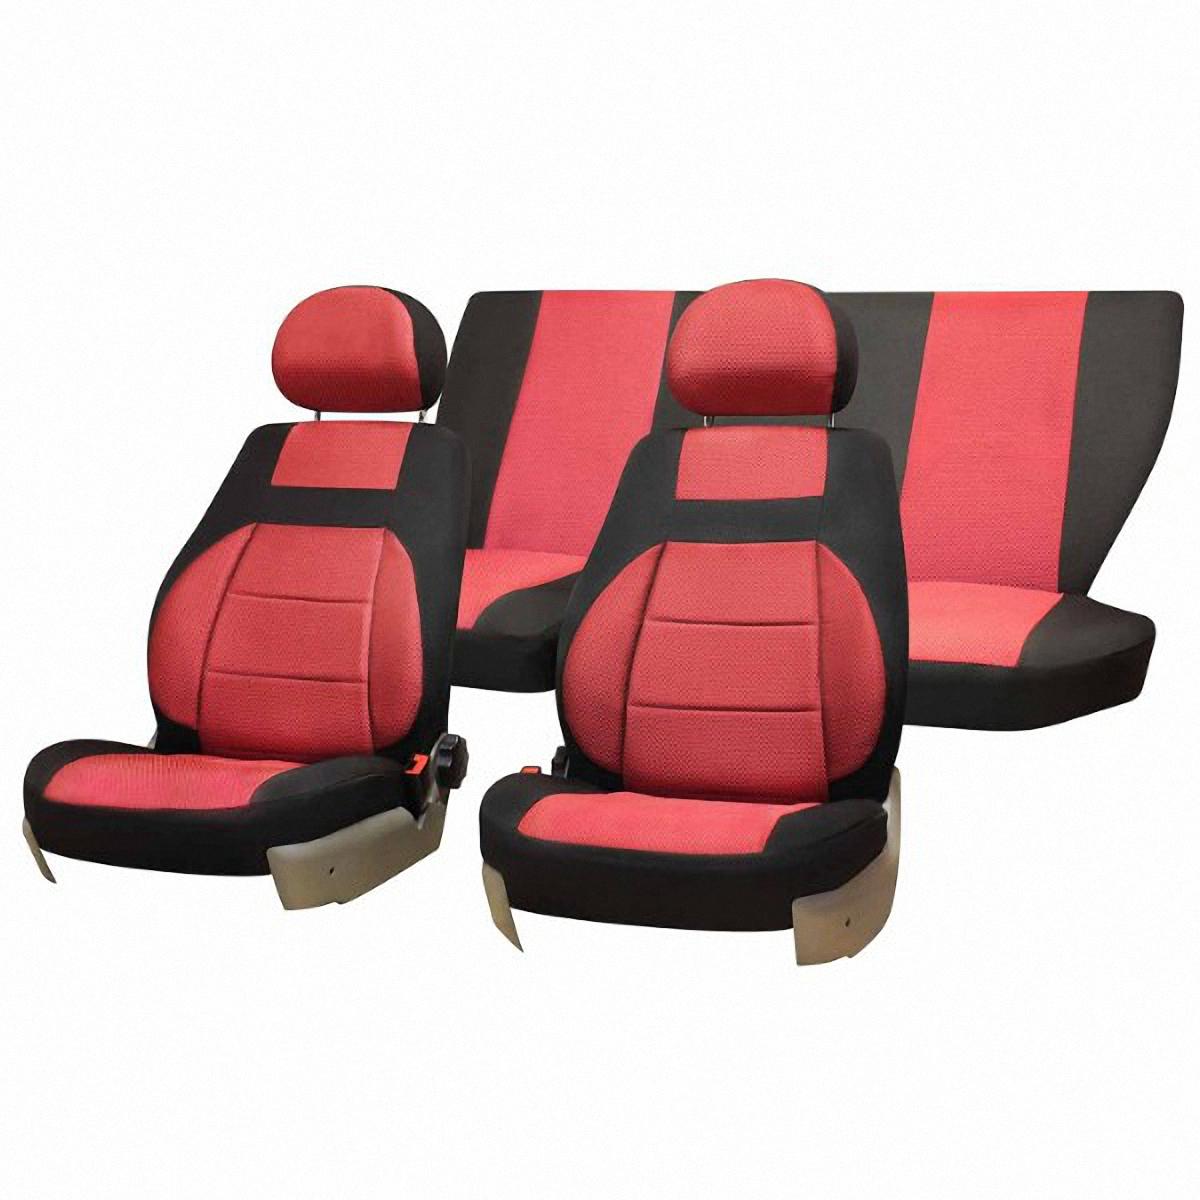 Чехлы автомобильные Skyway, для Lada Granta, цвет: красный, черныйV004-D3Автомобильные чехлы Skyway изготовлены из качественного жаккарда. Чехлы идеально повторяют штатную форму сидений и выглядят как оригинальная обивка сидений. Разработаны индивидуально для каждой модели автомобиля. Авточехлы Skyway просты в уходе - загрязнения легко удаляются влажной тканью. Чехлы имеют раздельную схему надевания. Заднее сиденье - сплошное.В комплекте 11 предметов.